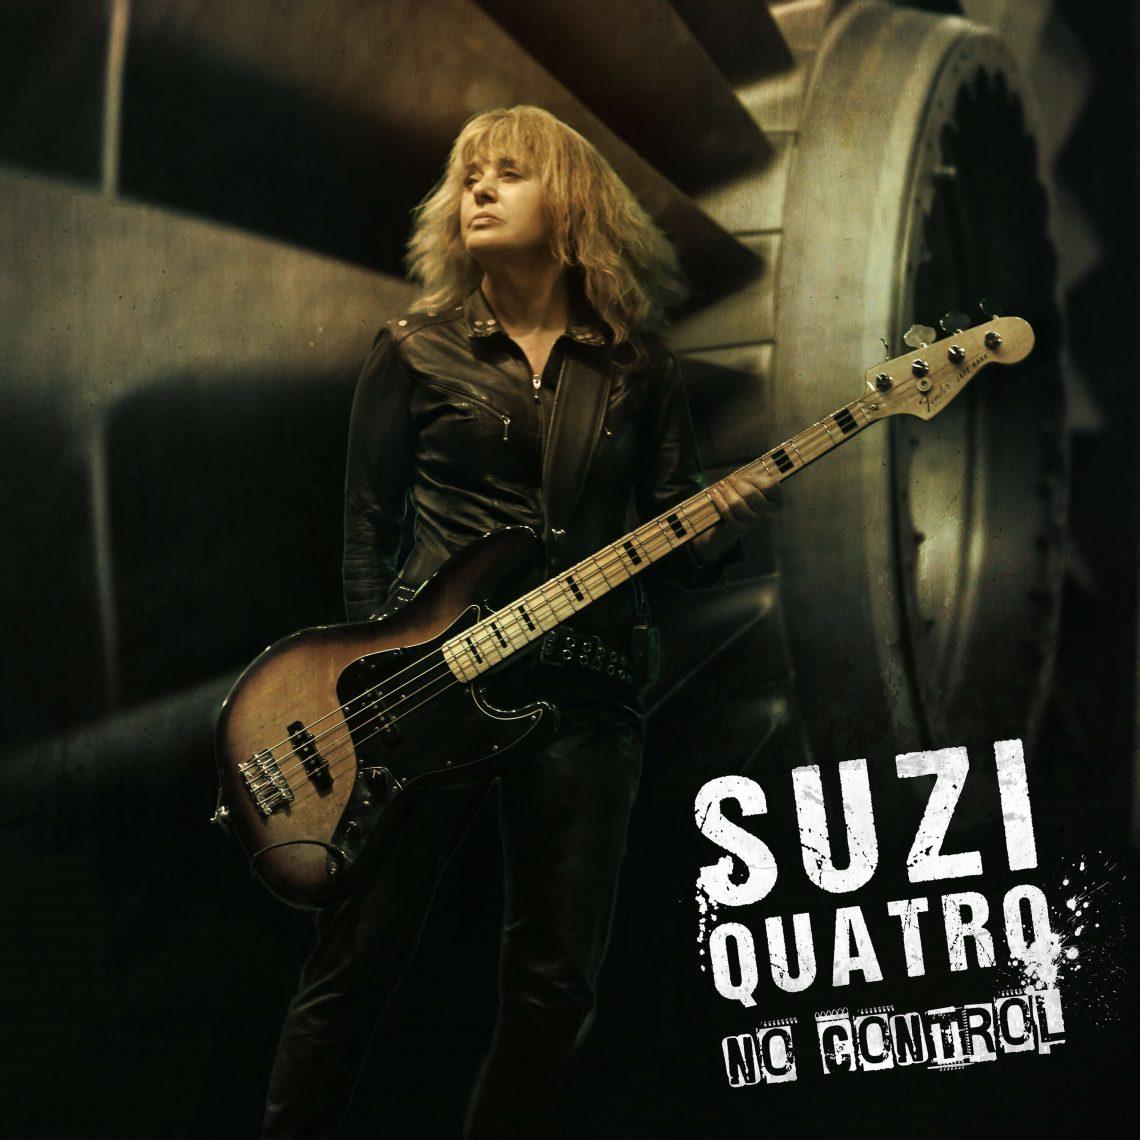 Suzi Quatro – No Control